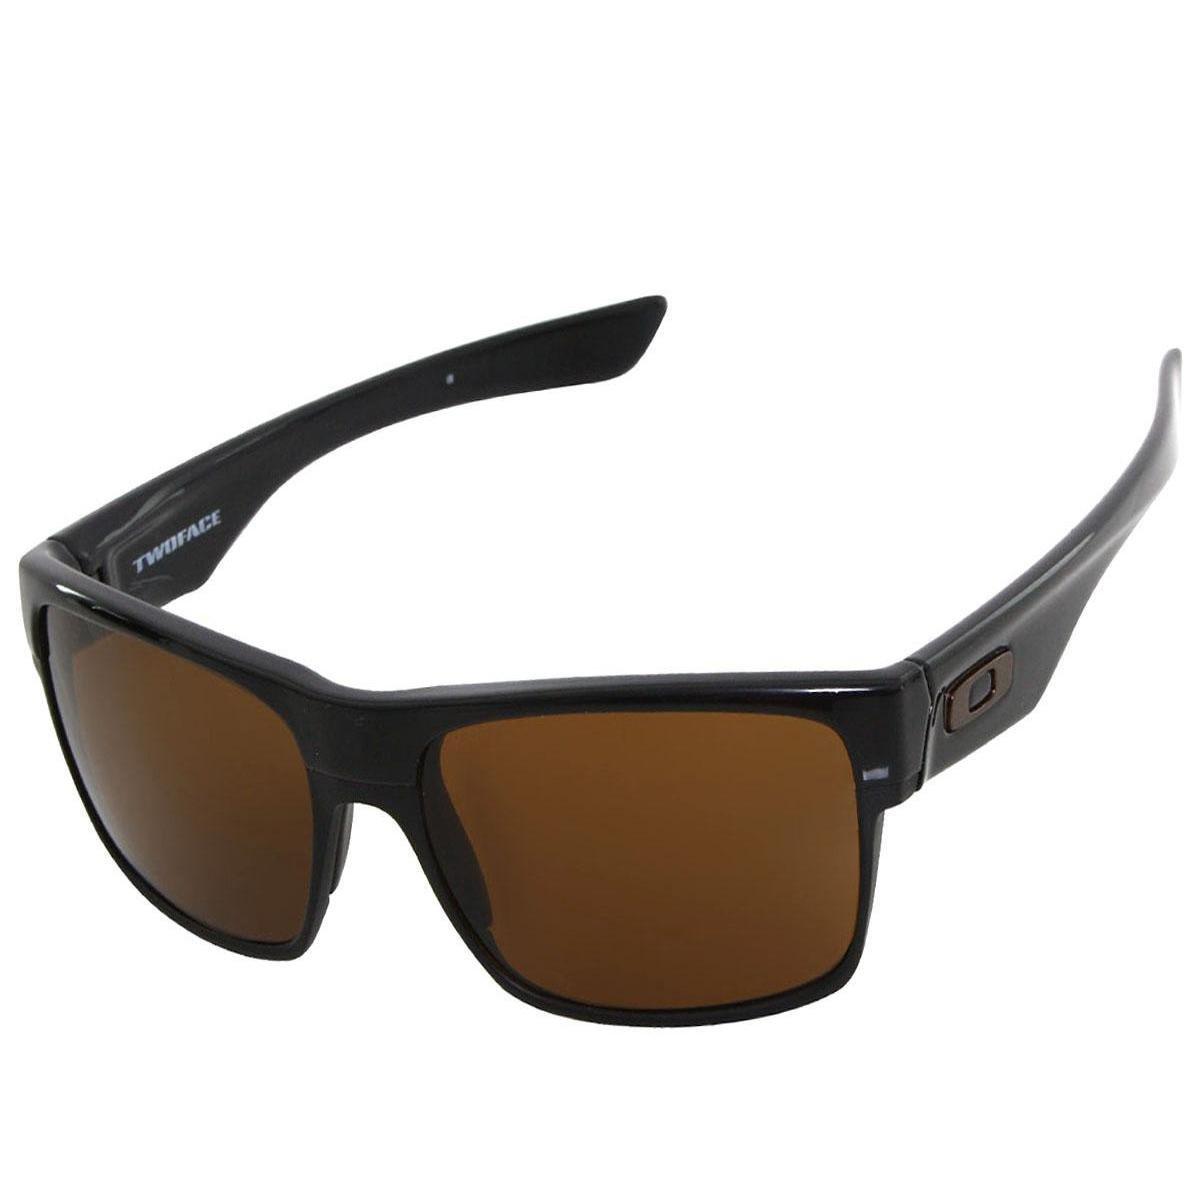 c9a6007381c84 Óculos Oakley TwoFace Polished Black Dark Bronze - Compre Agora ...